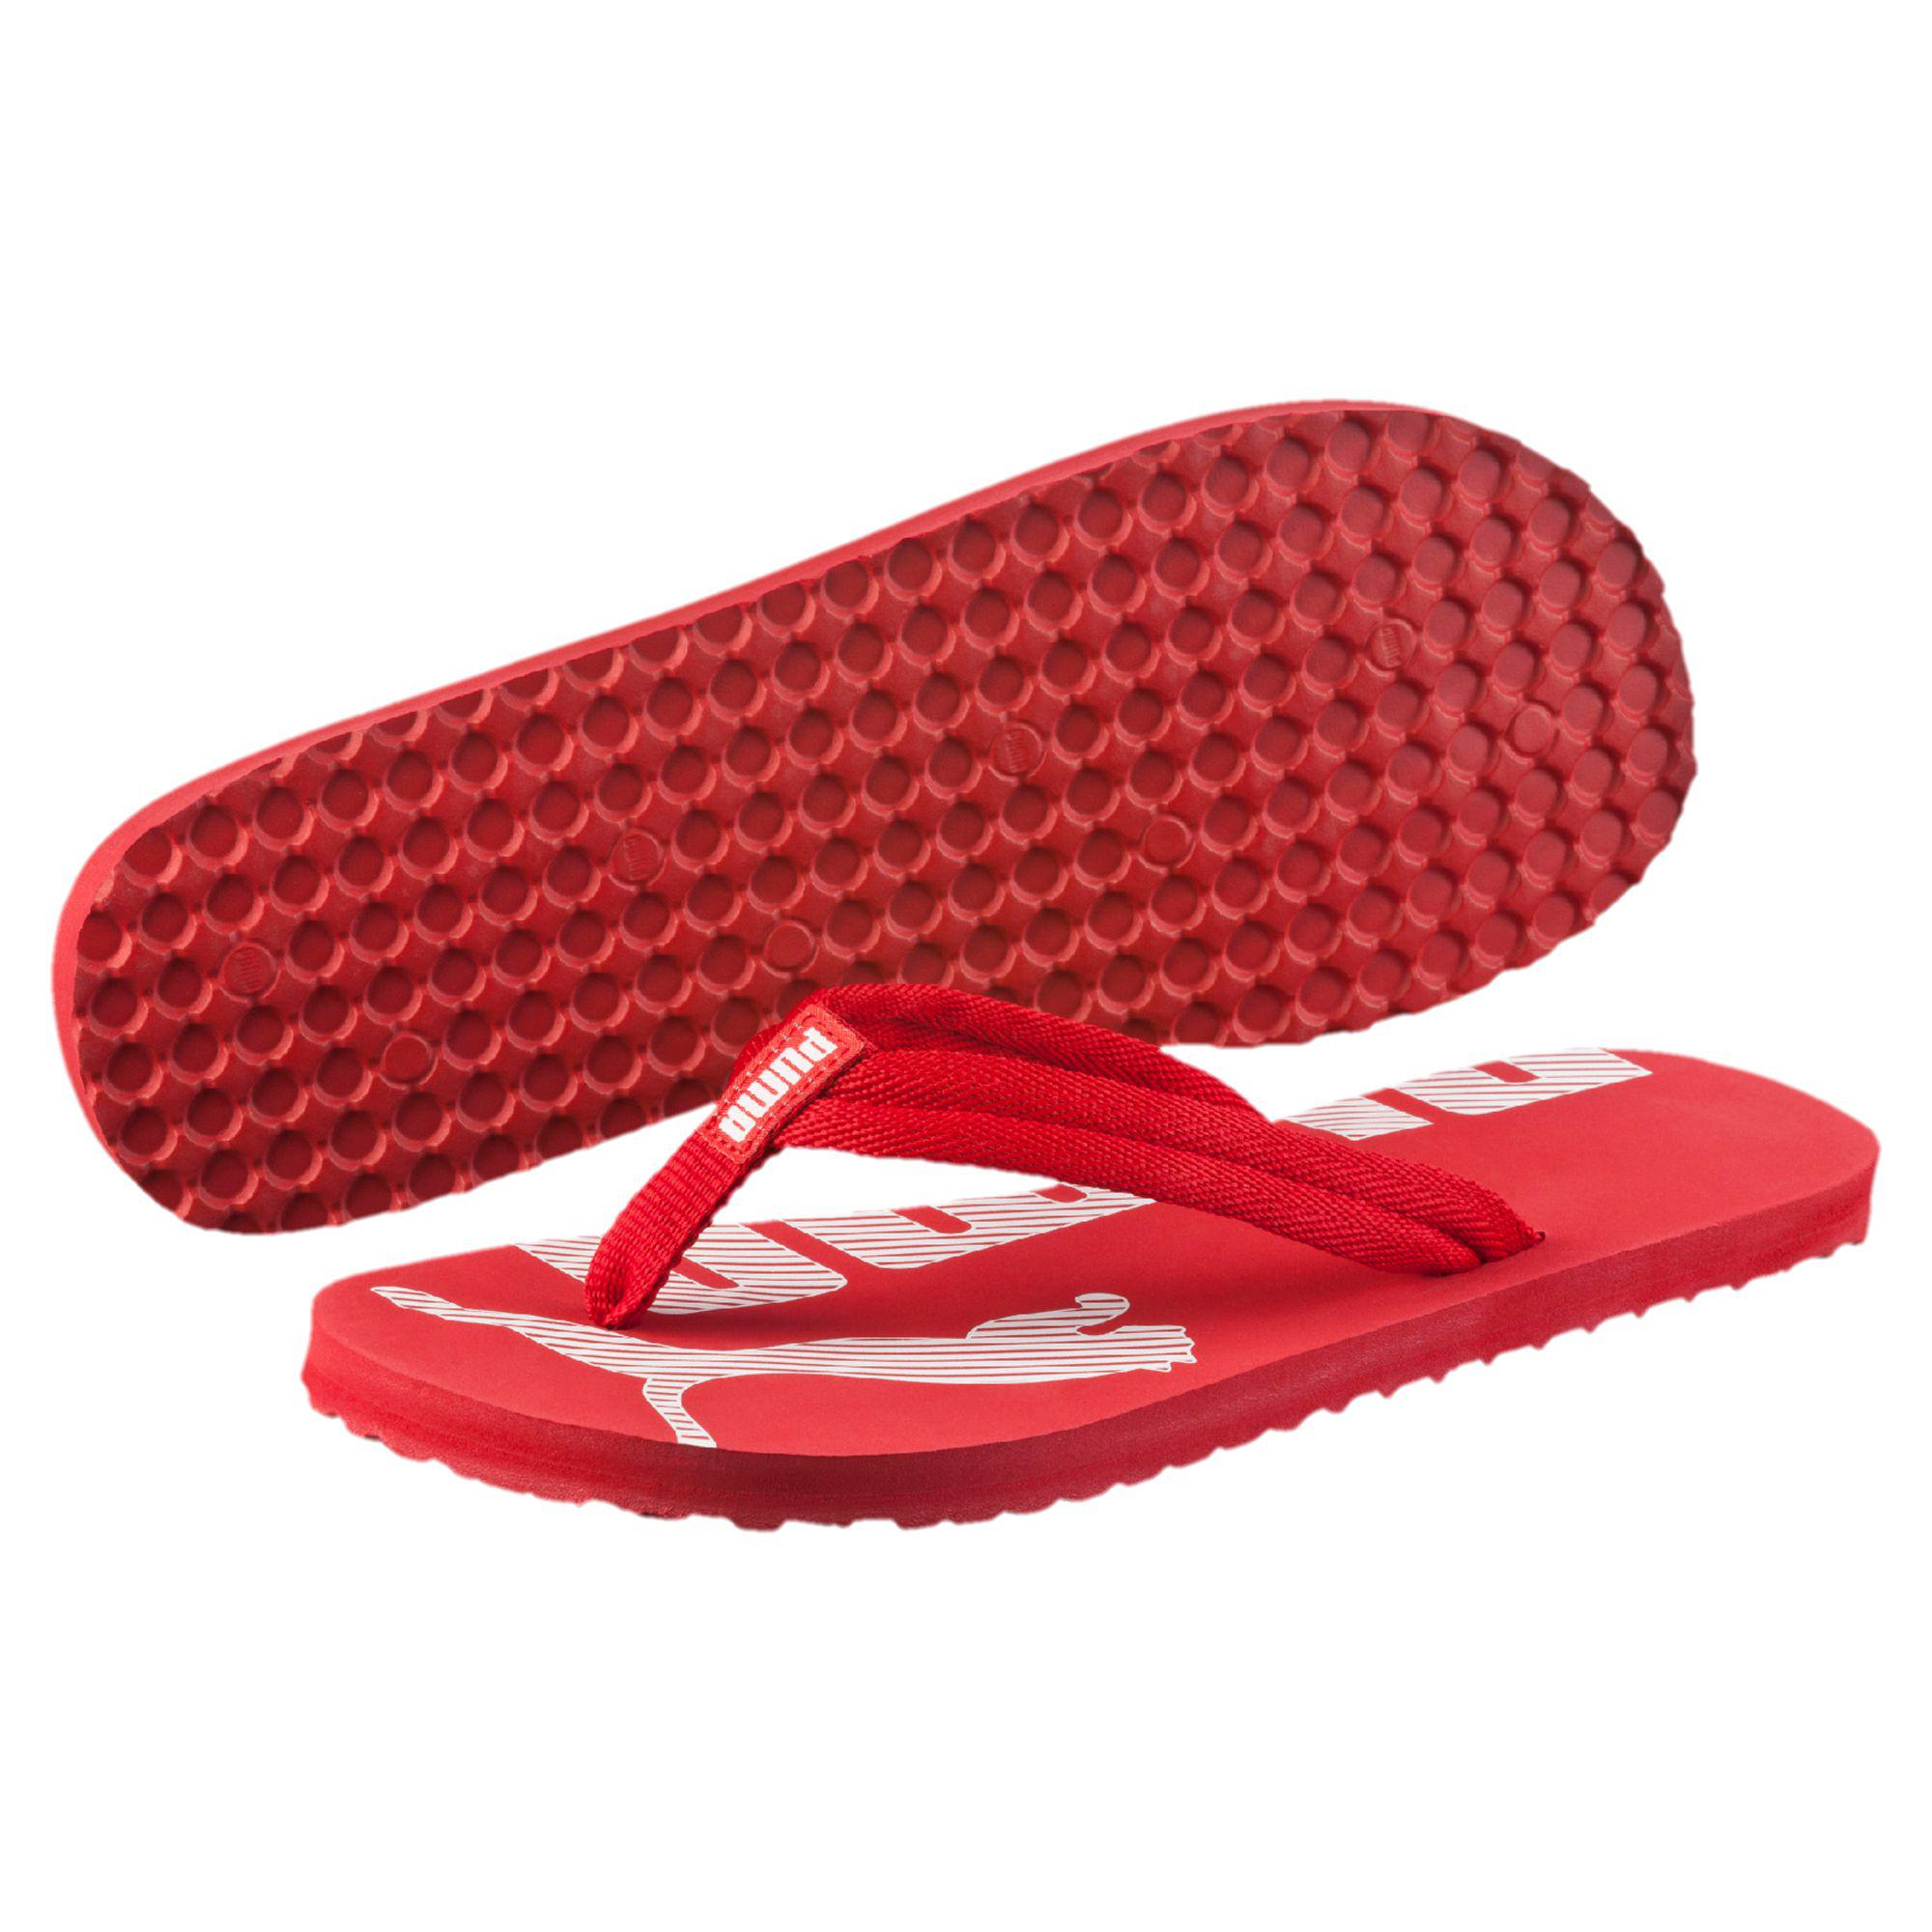 881370a56b4f2 Lyst - PUMA Epic Flip V2 Men s Sandals for Men